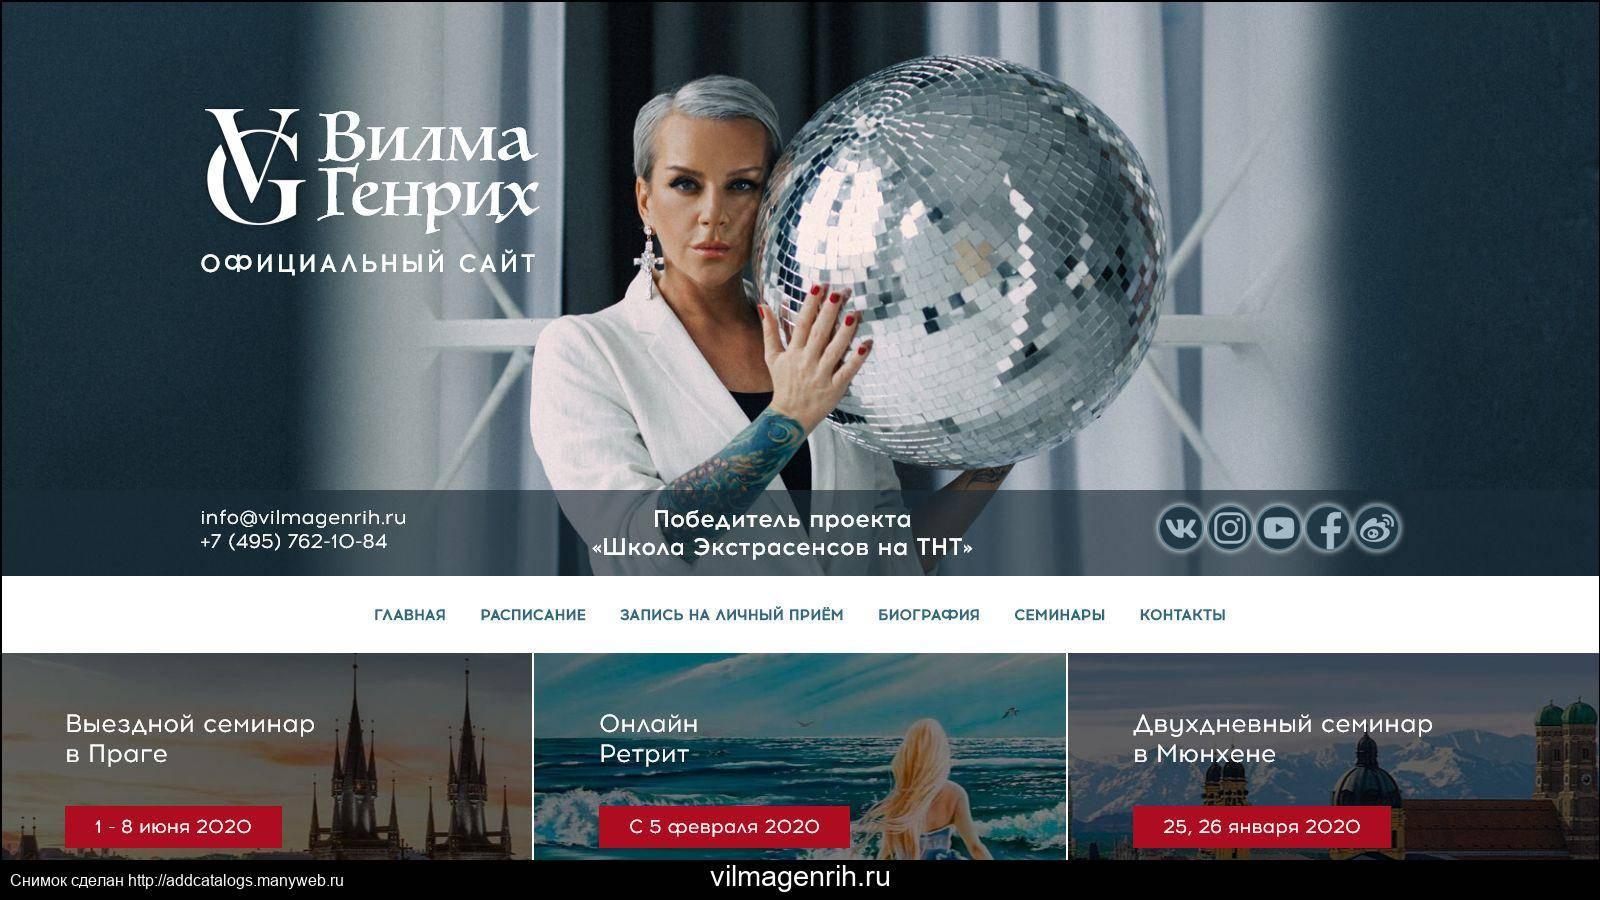 Личные приёмы и онлайн-консультации вилмы генрих. официальный сайт